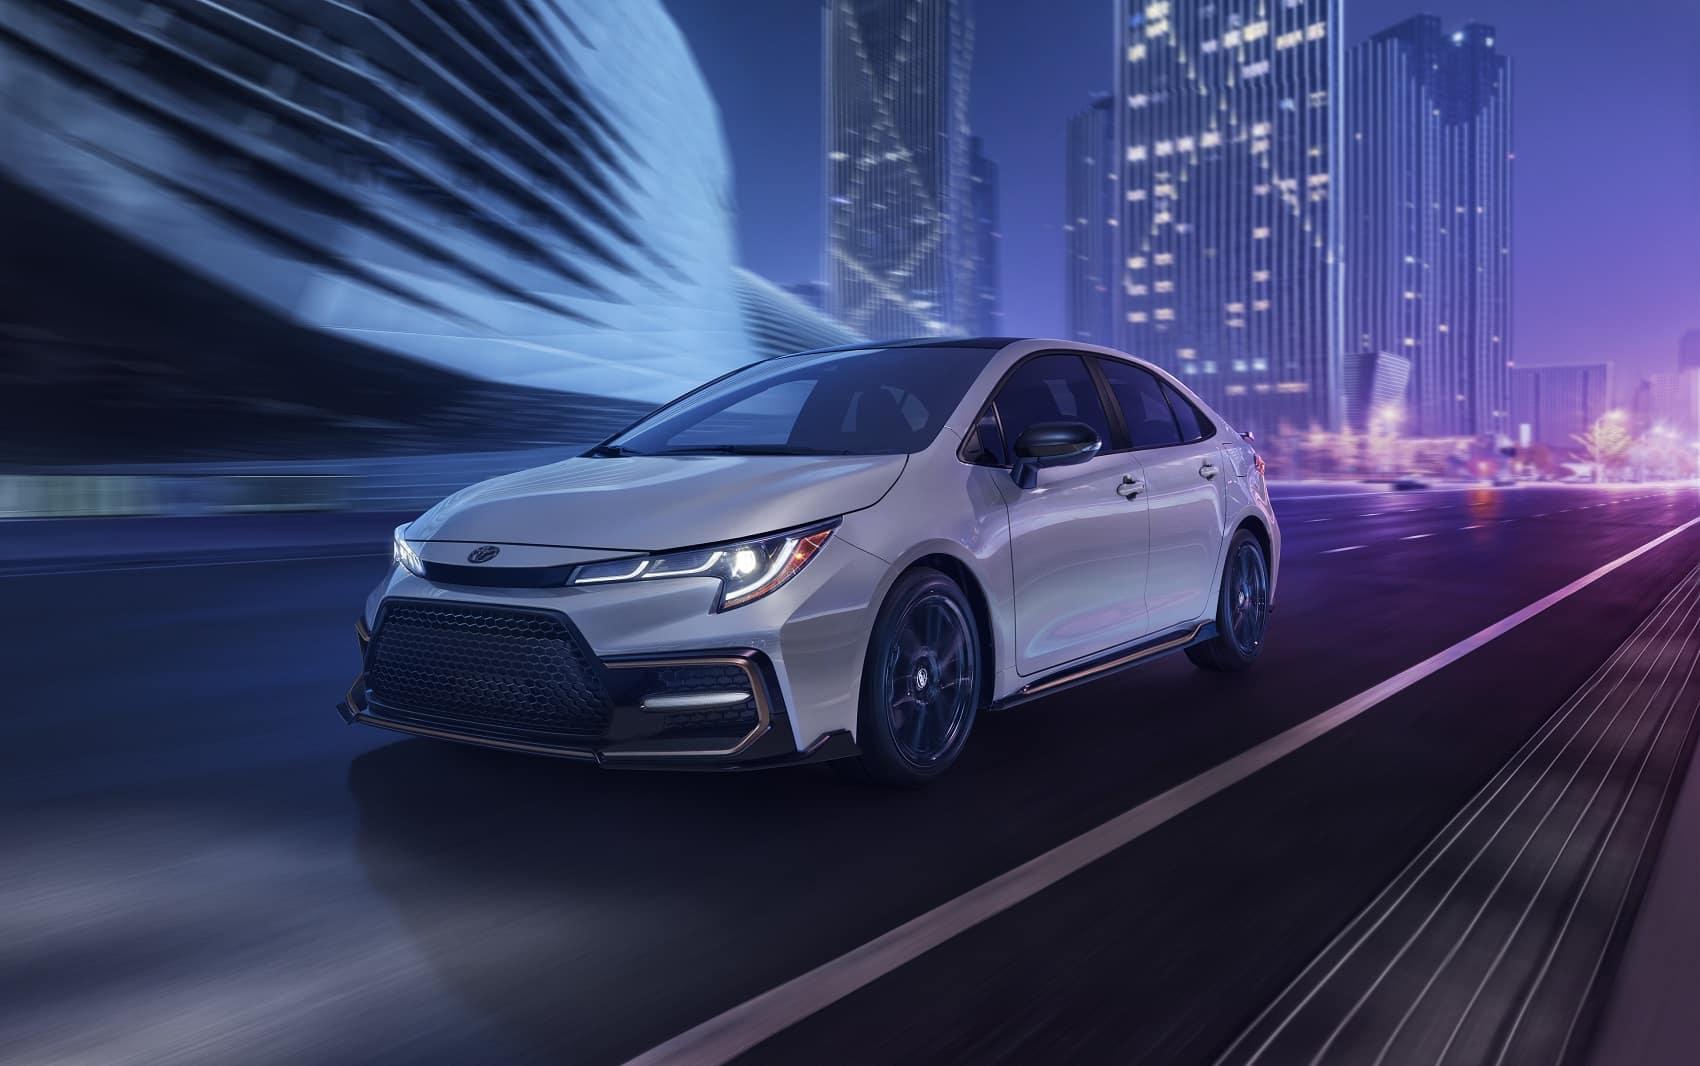 2021 Toyota Corolla Engine Specs